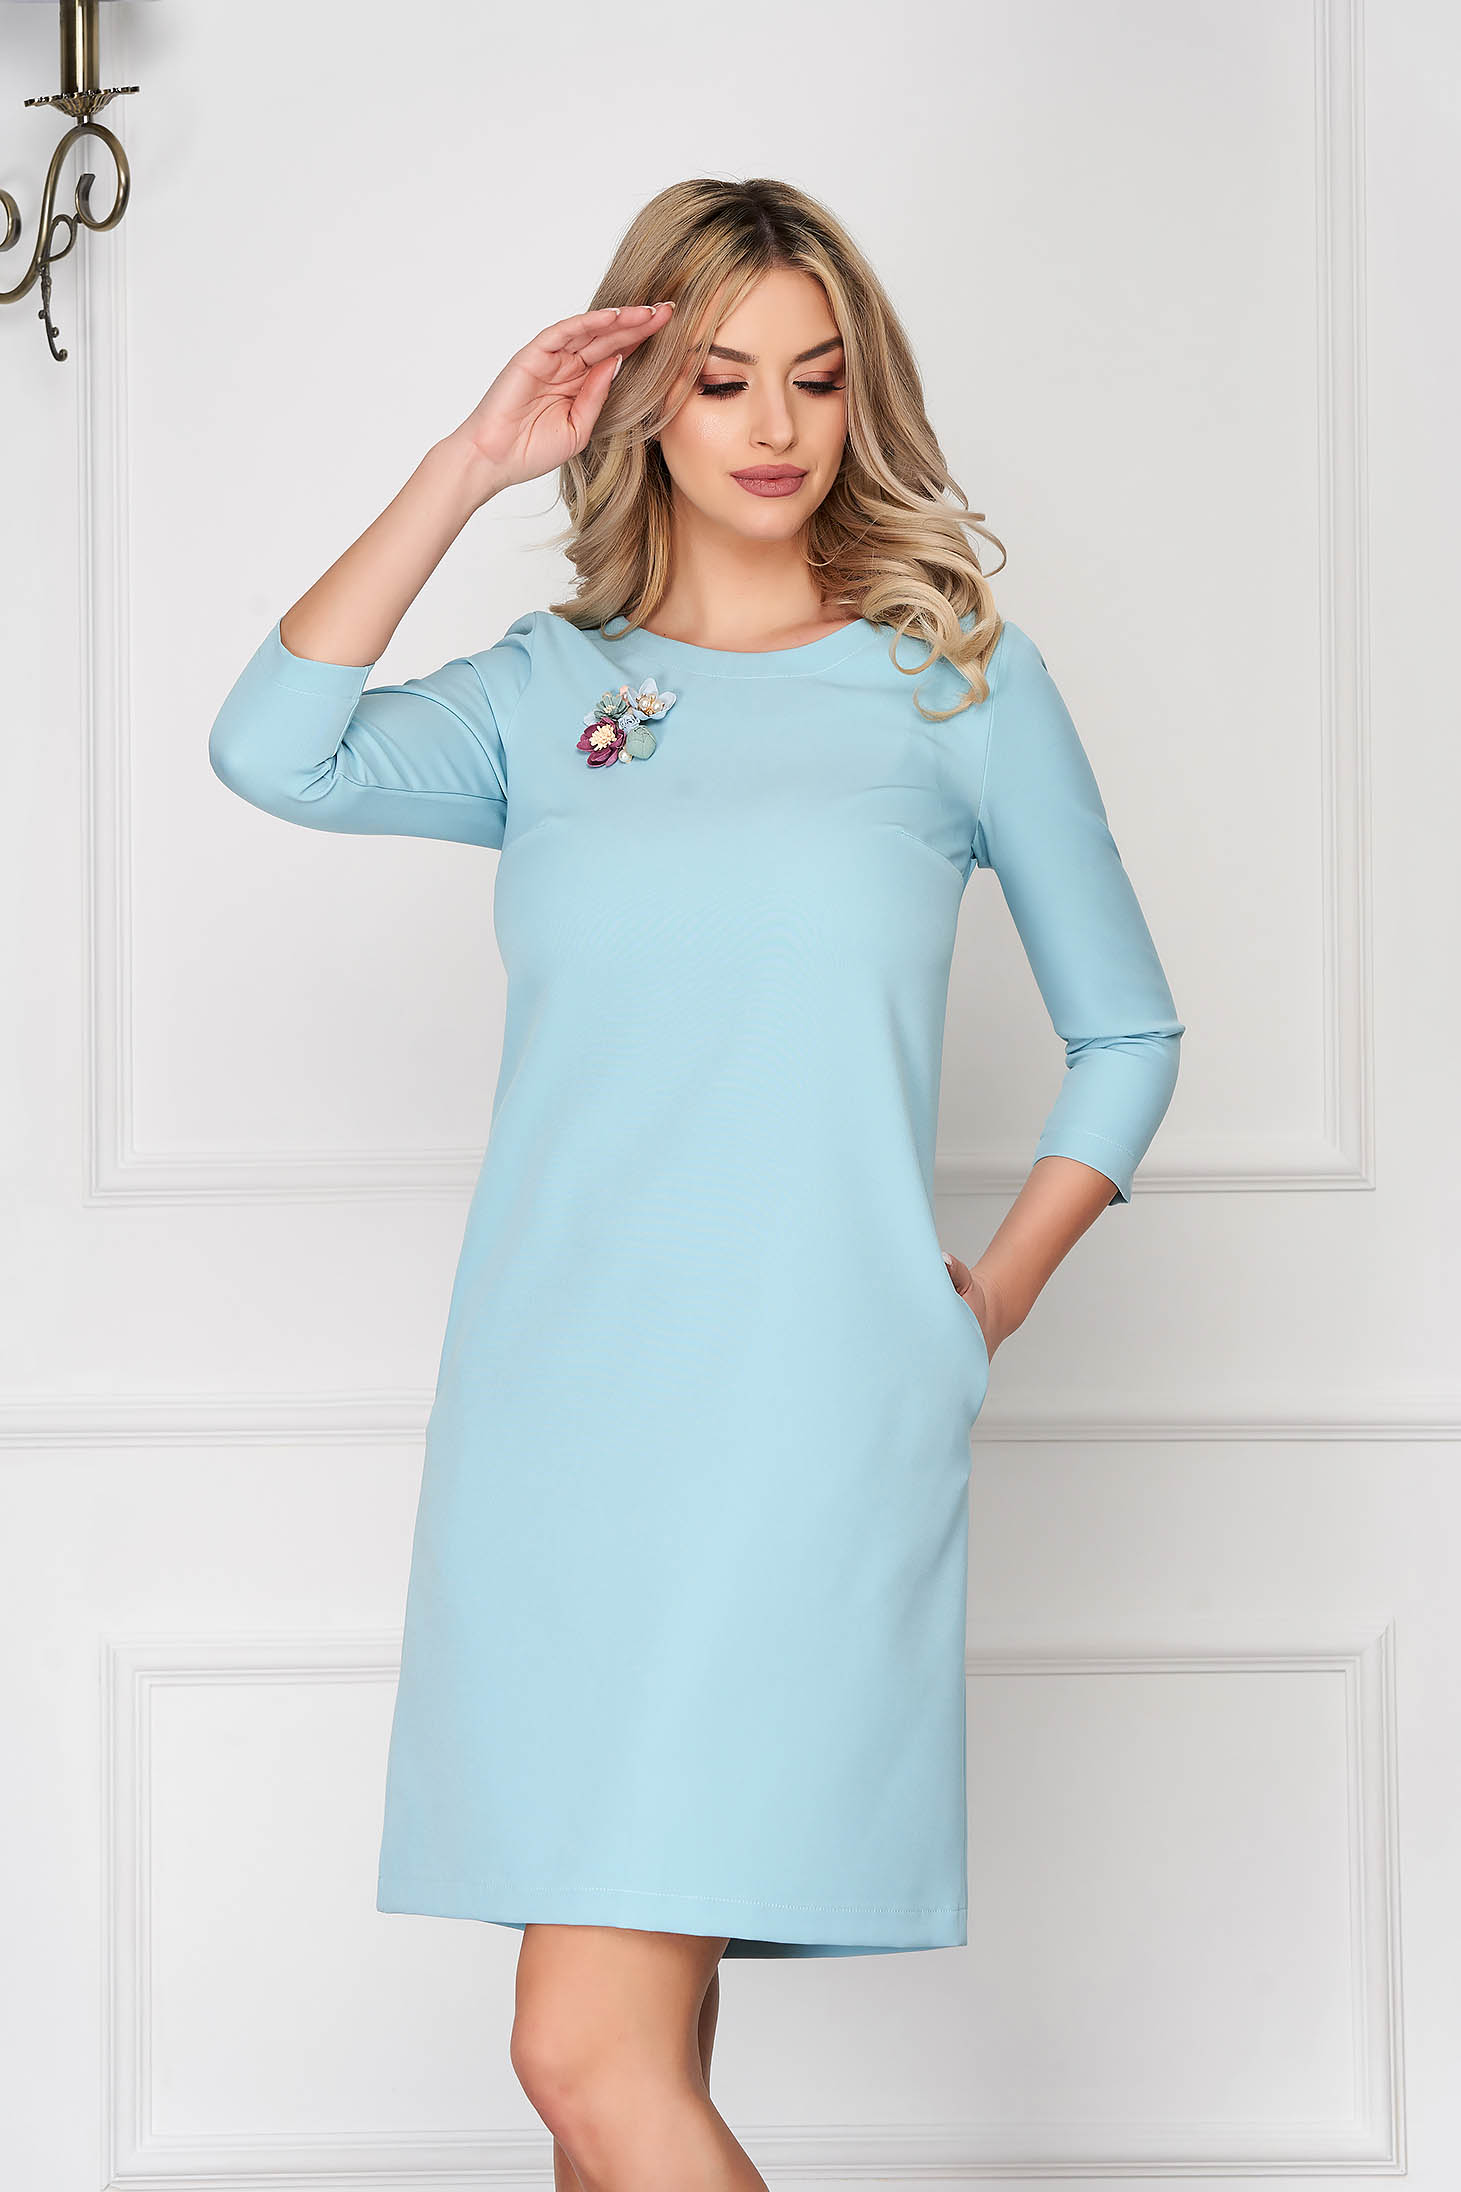 Rochie StarShinerS turcoaz eleganta scurta cu croi in a din stofa elastica cu buzunare